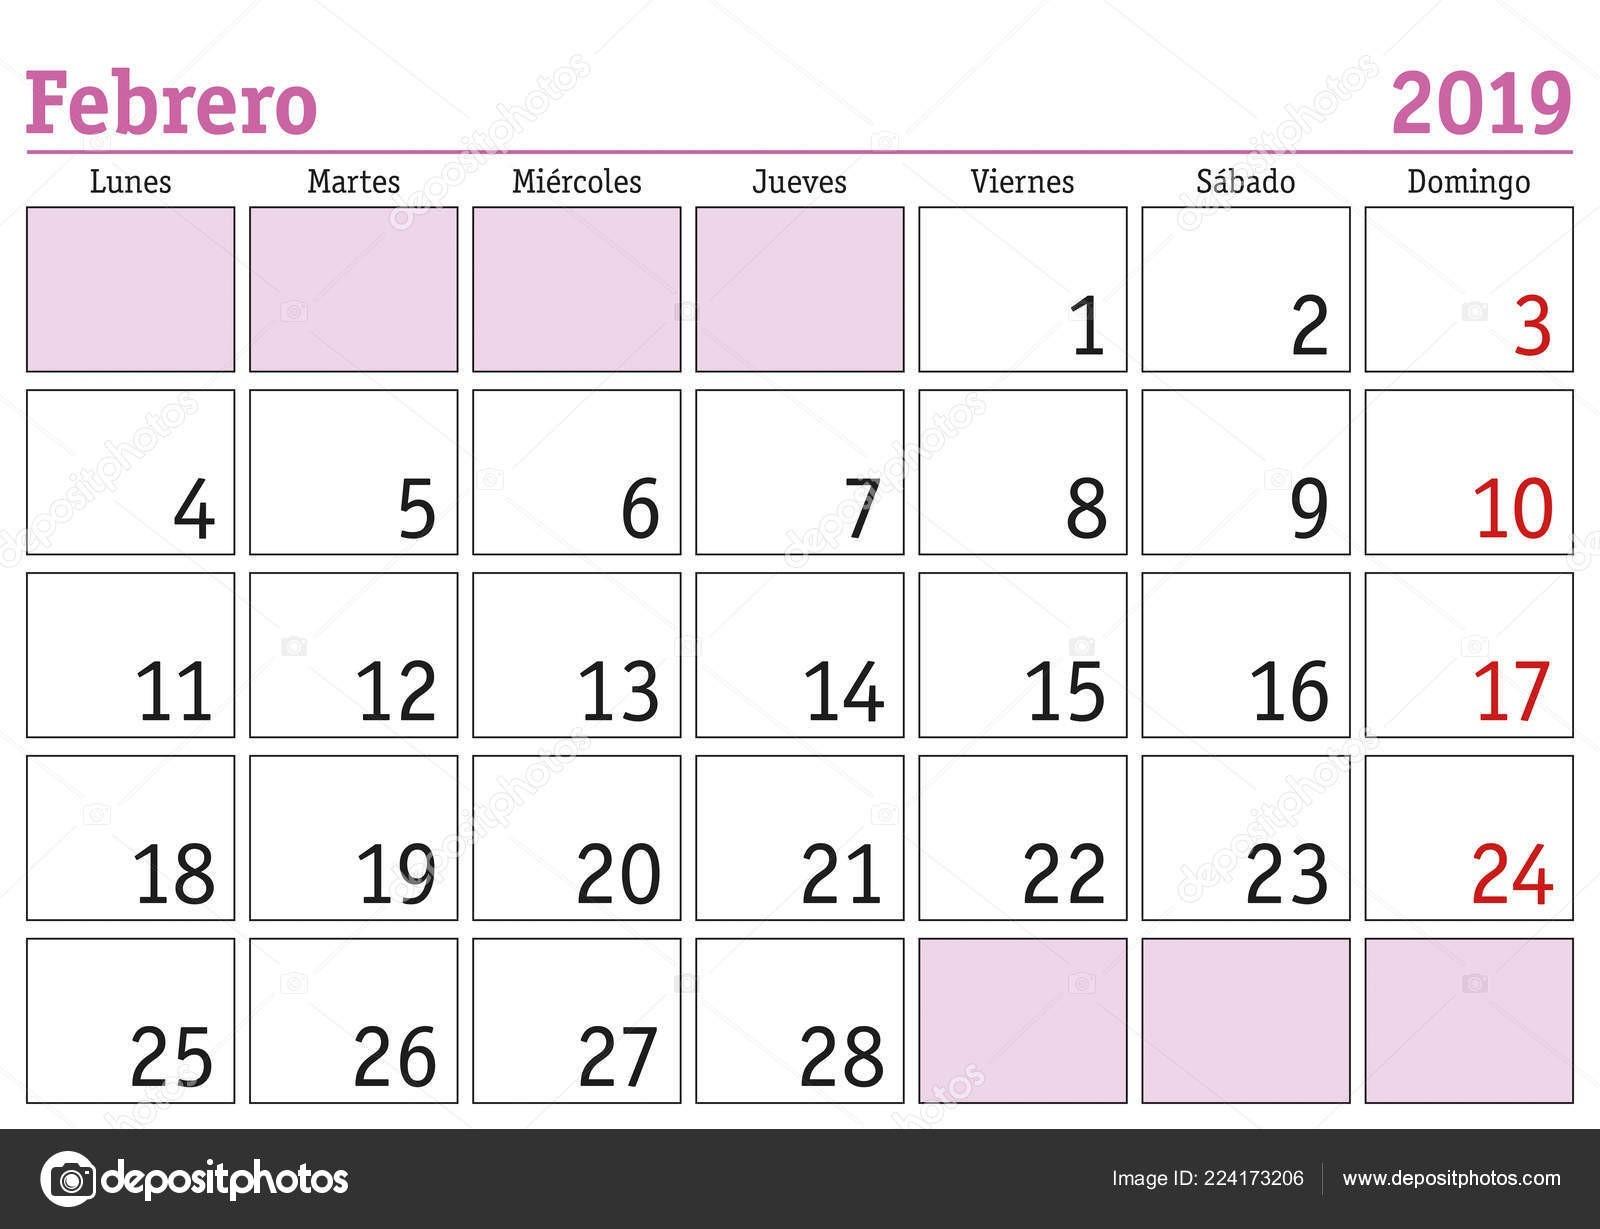 calendario 2019 brasil br mas populares mac29bsc2adc c29anor roce 2019 nastac29bnnc2bd kalendaac299 a panac29blatinac29b febrero 2019 of calendario 2019 brasil br